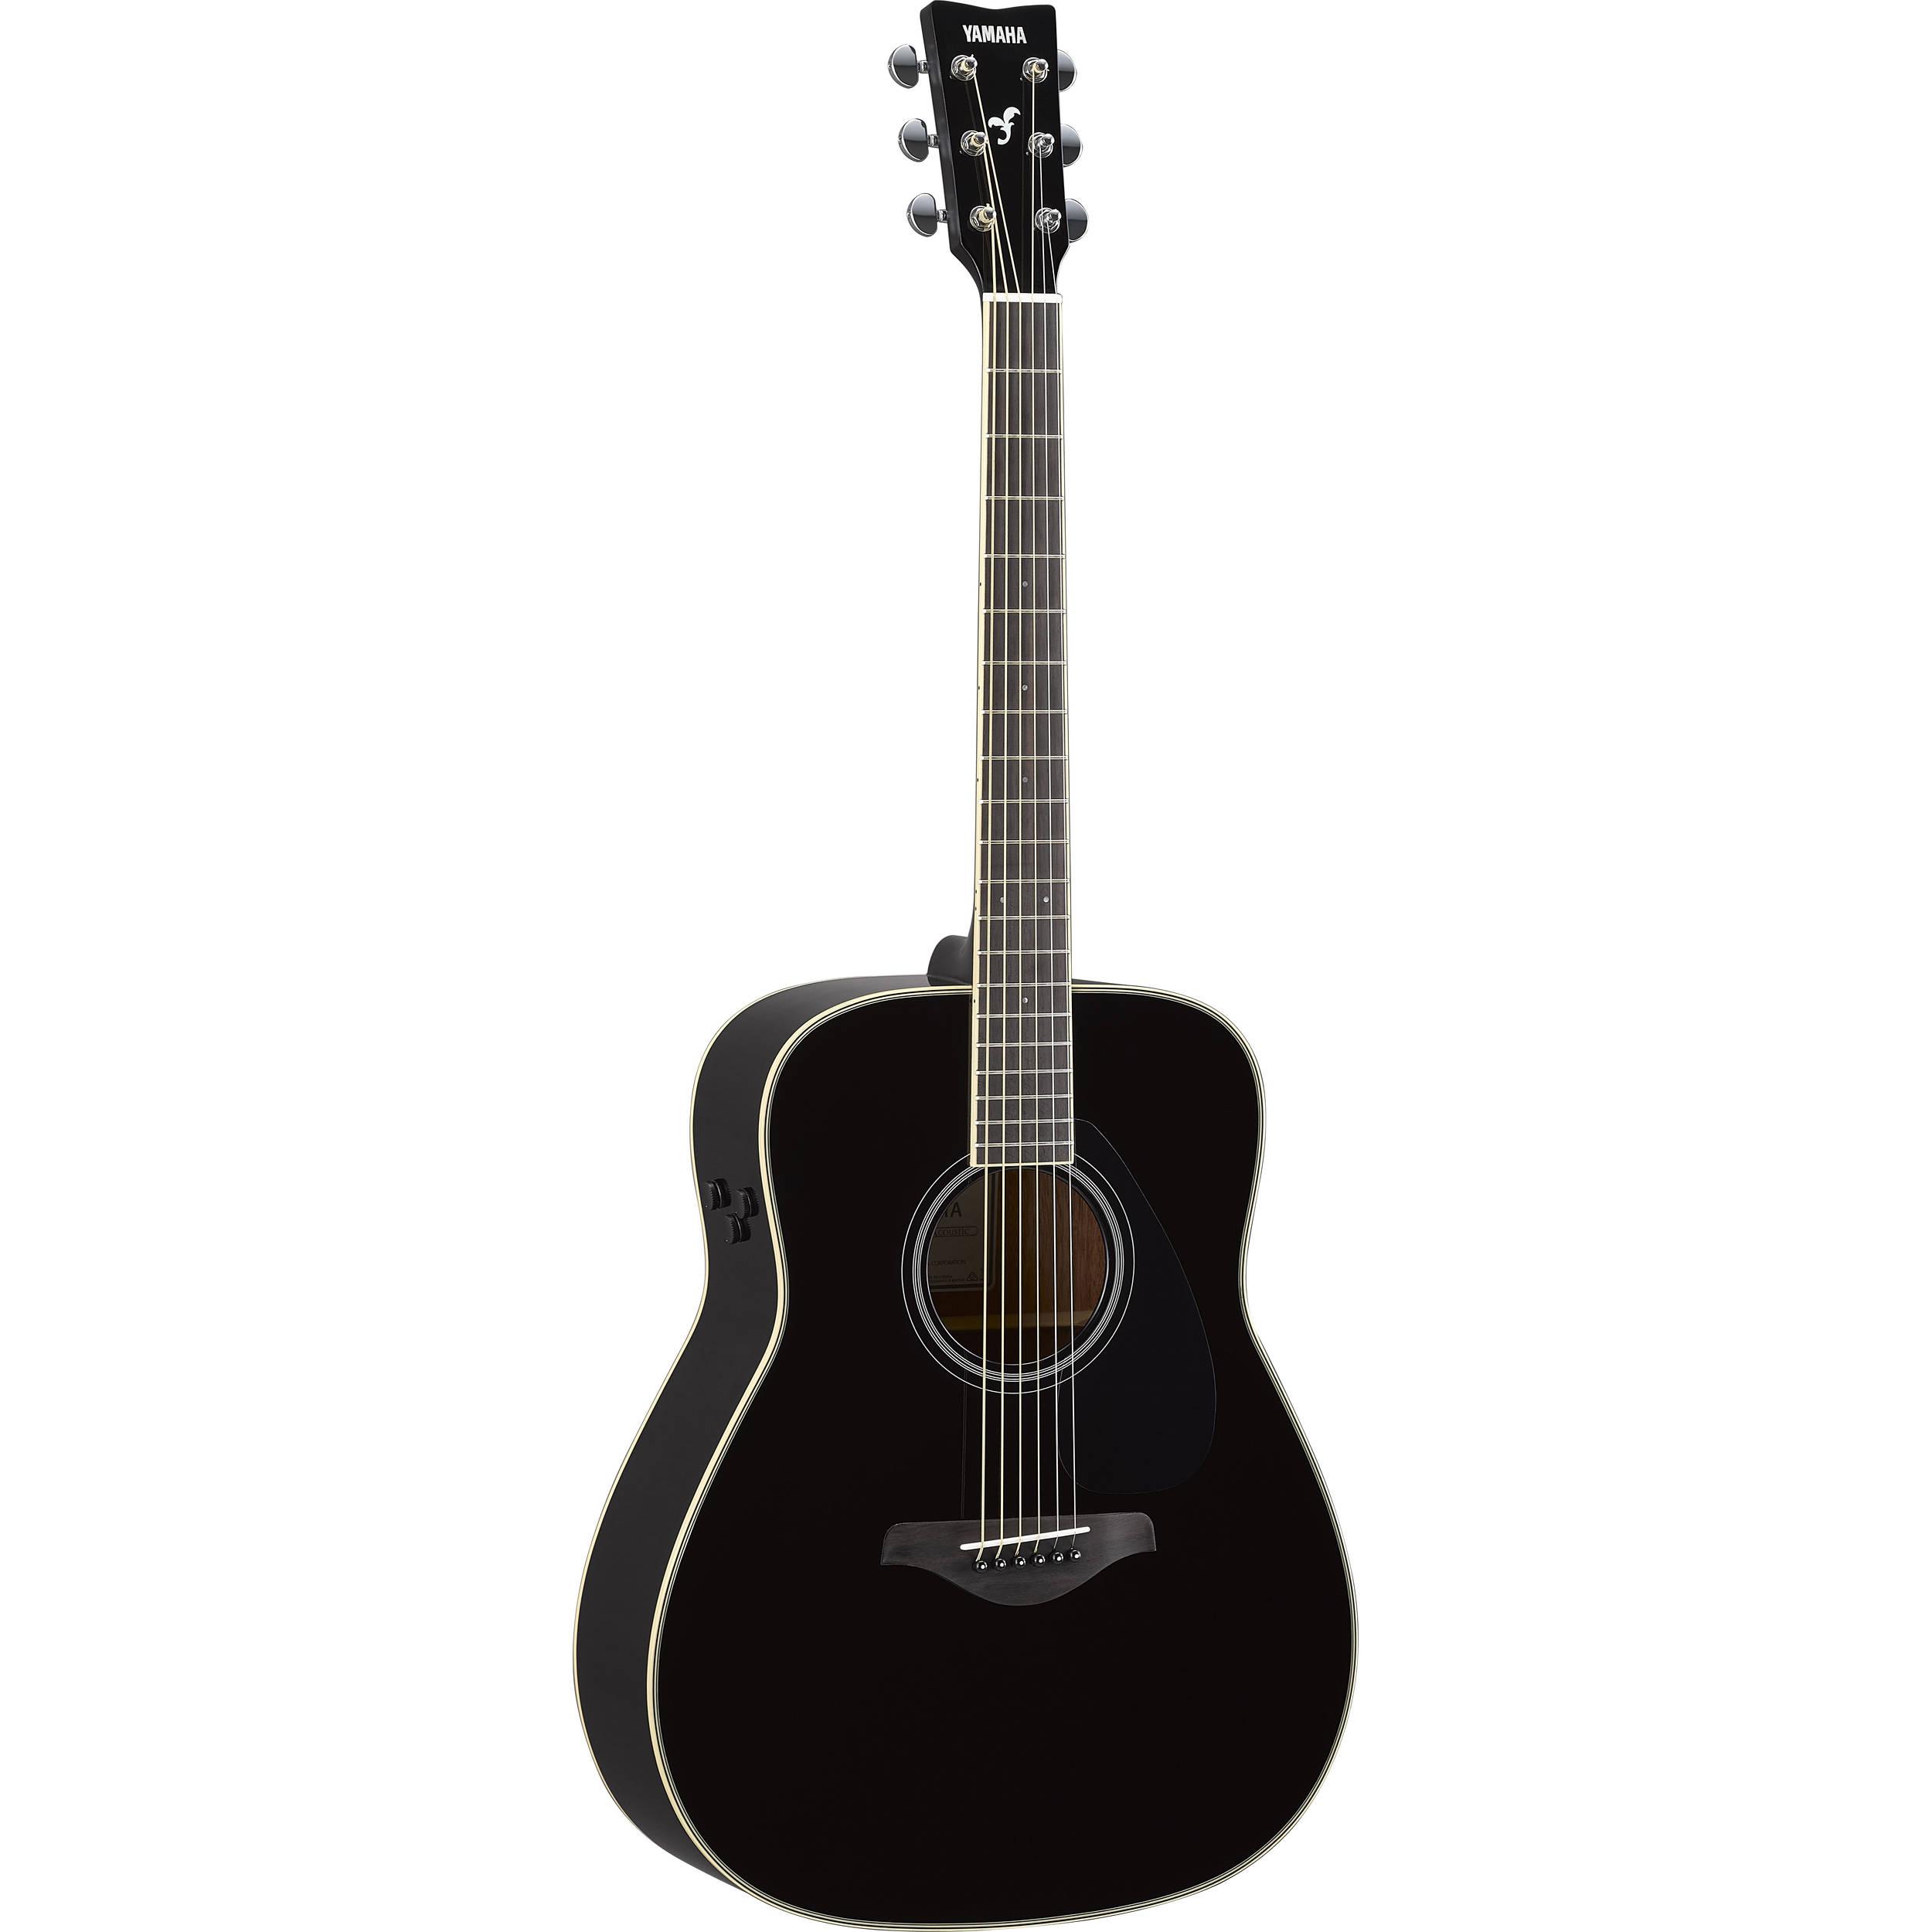 Yamaha FG TA BK TransAcoustic Gitar GP Musikk